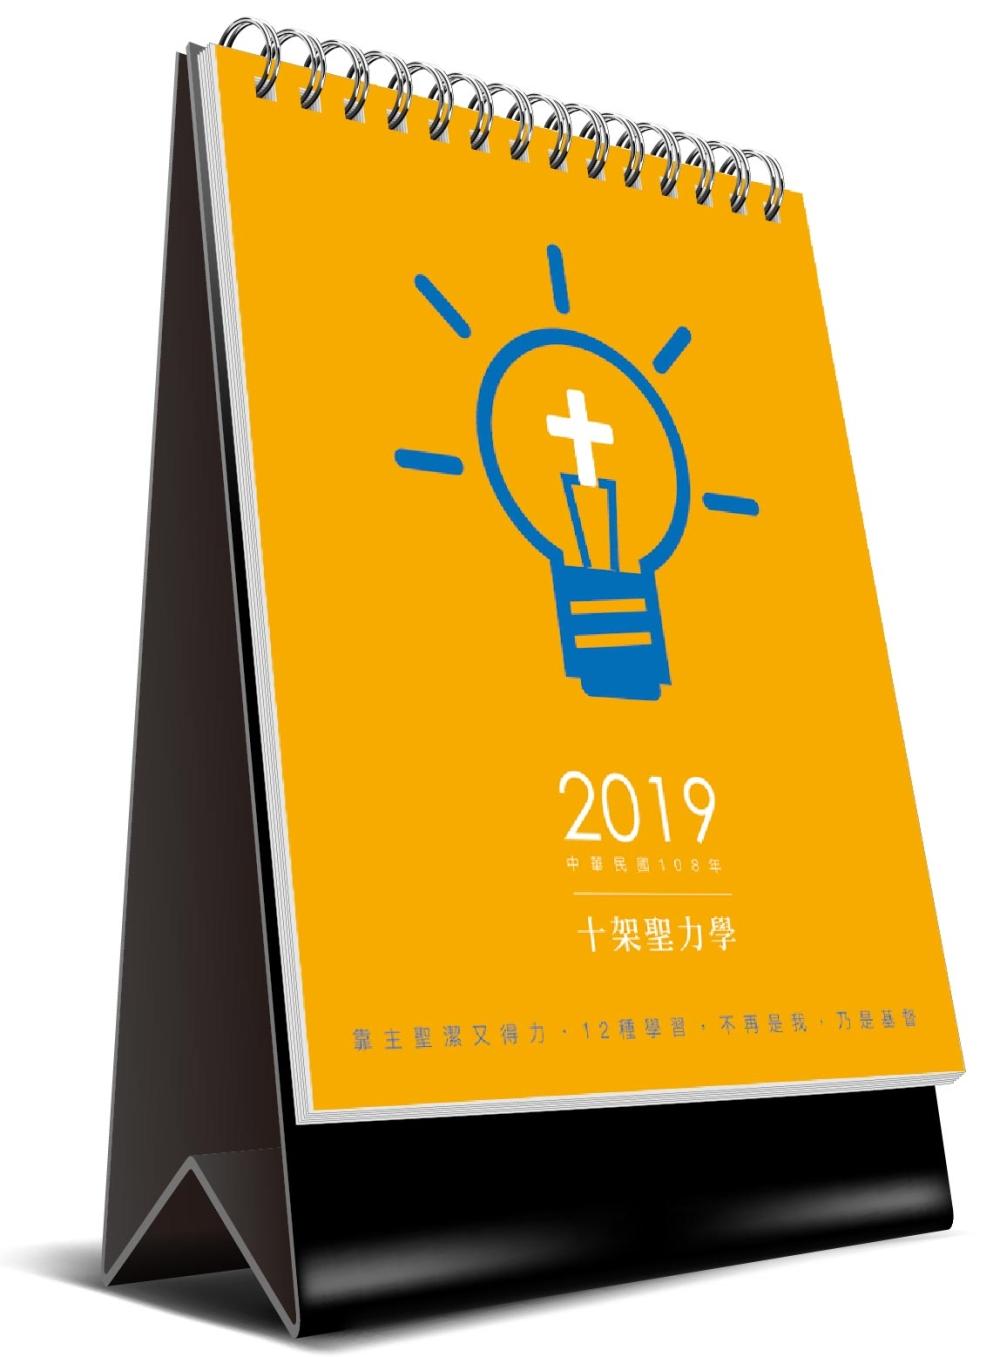 2019十架聖力學桌曆(附勵志書籤1套)